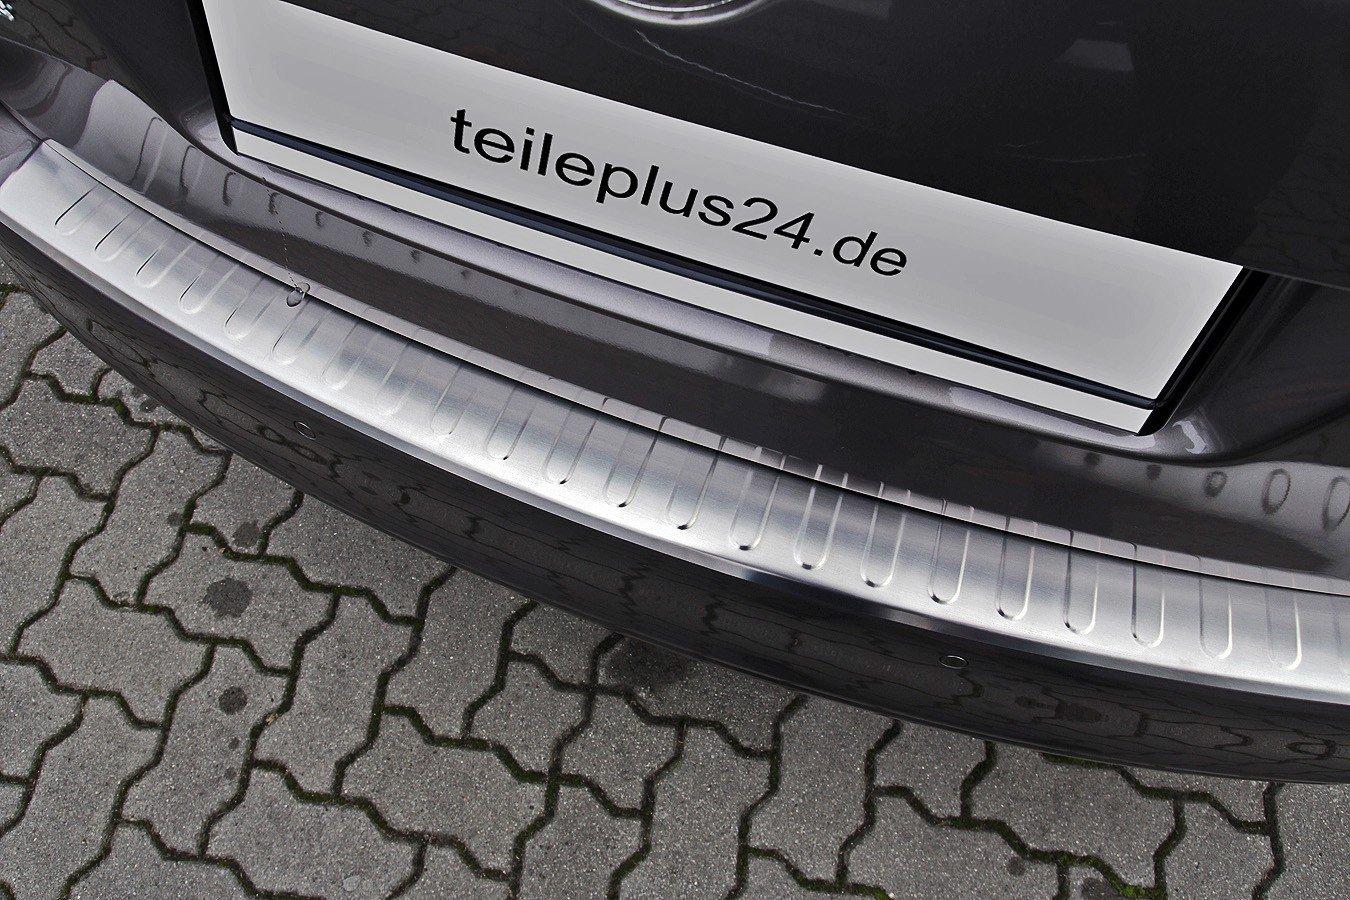 teileplus24 L559S Ladekantenschutz aus V2A Edelstahl mit Abkantung